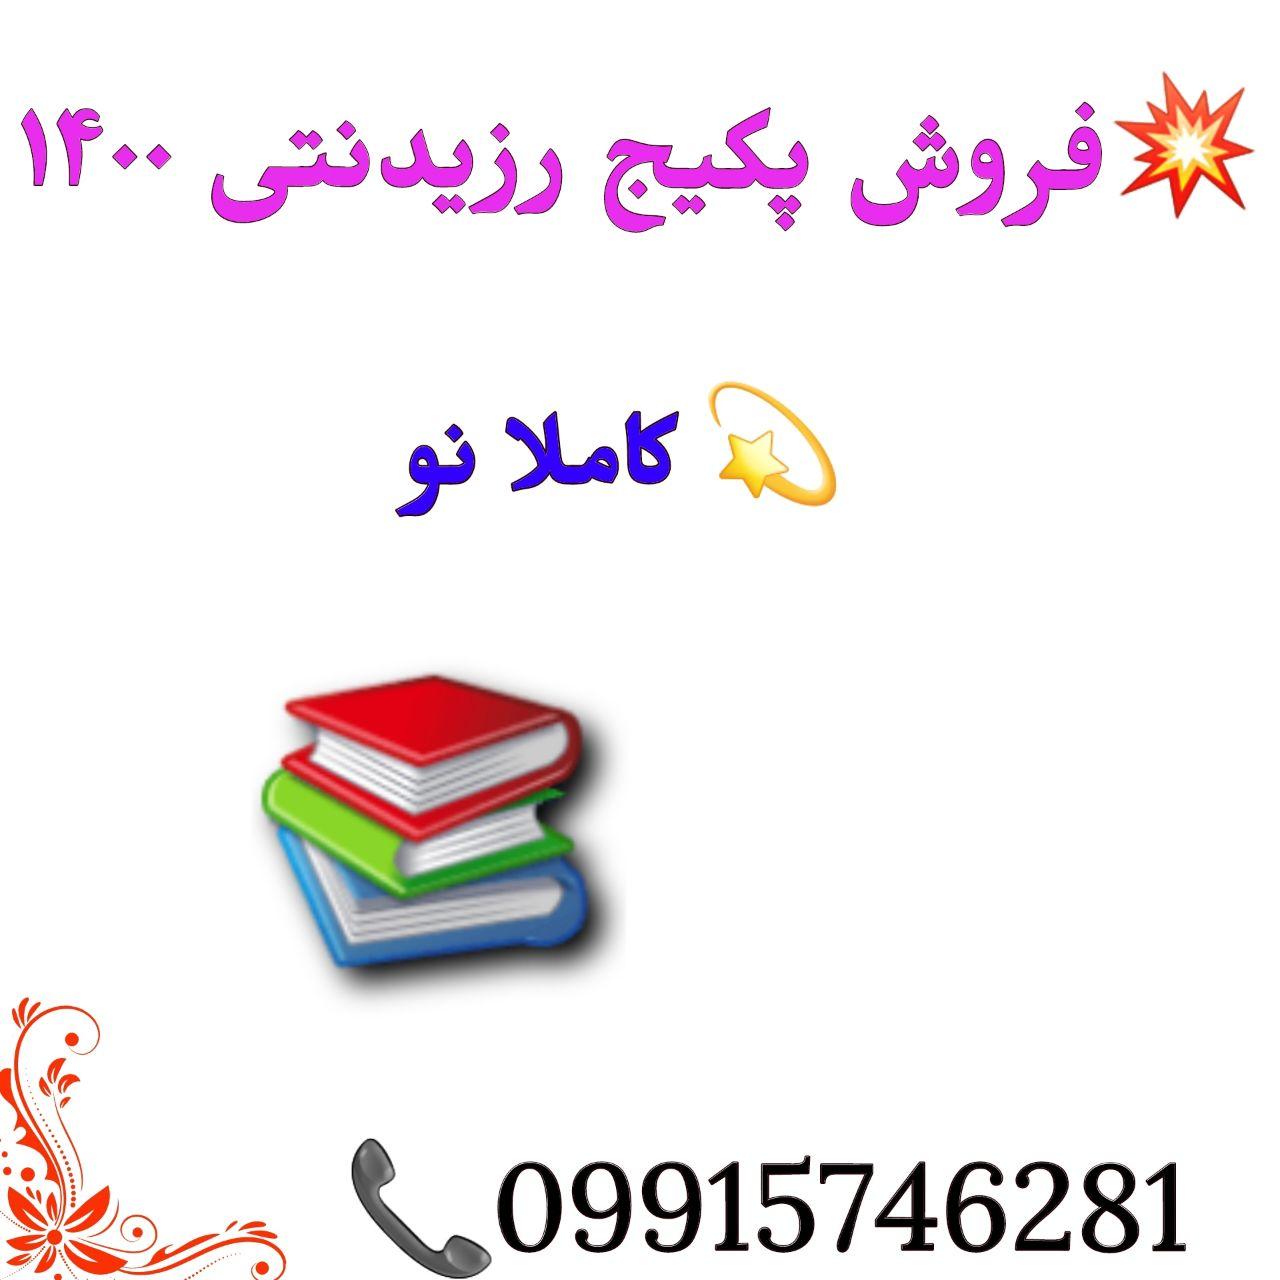 تهران: فروش پکیج رزیدنتی ۱۴۰۰